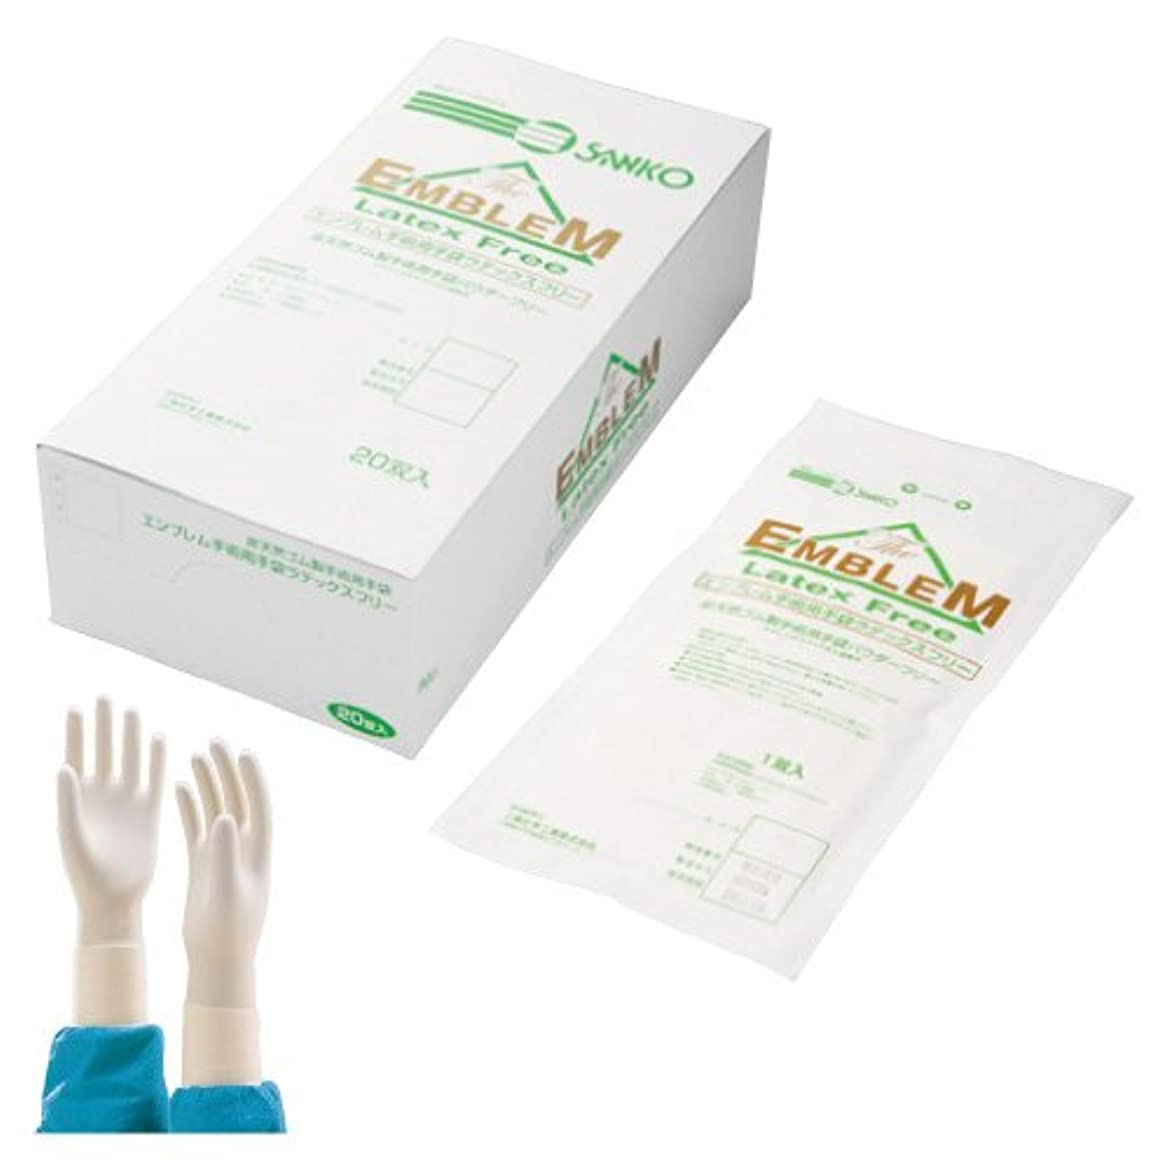 ディプロマ世界参加するエンブレム手術用手袋 6 <1箱(20双入)>